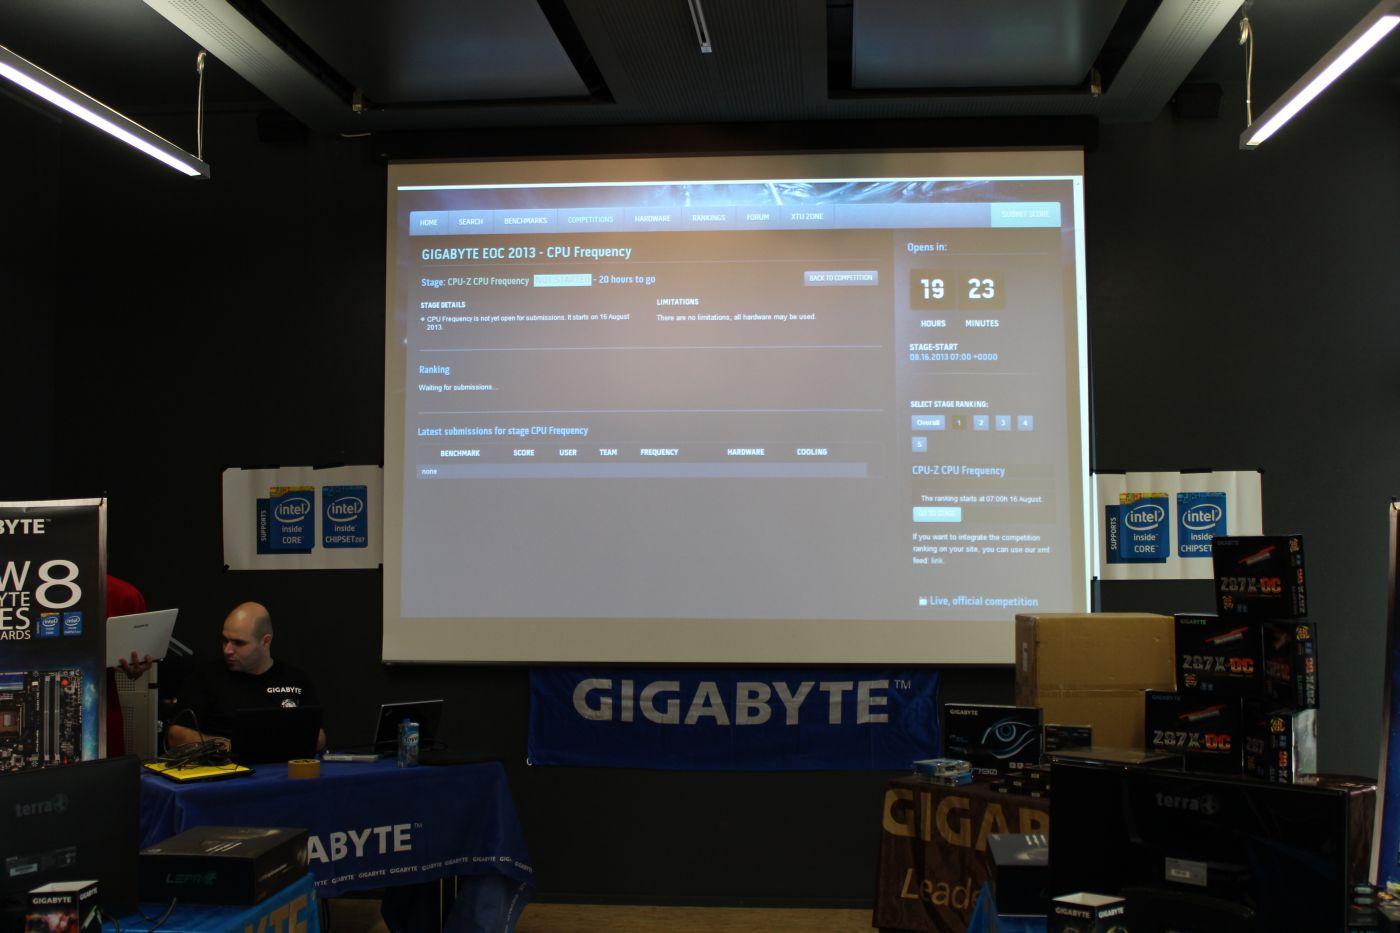 GIGABYTE EOC 2013 (Livestream am Freitag 16. August!)-img_2025.jpg